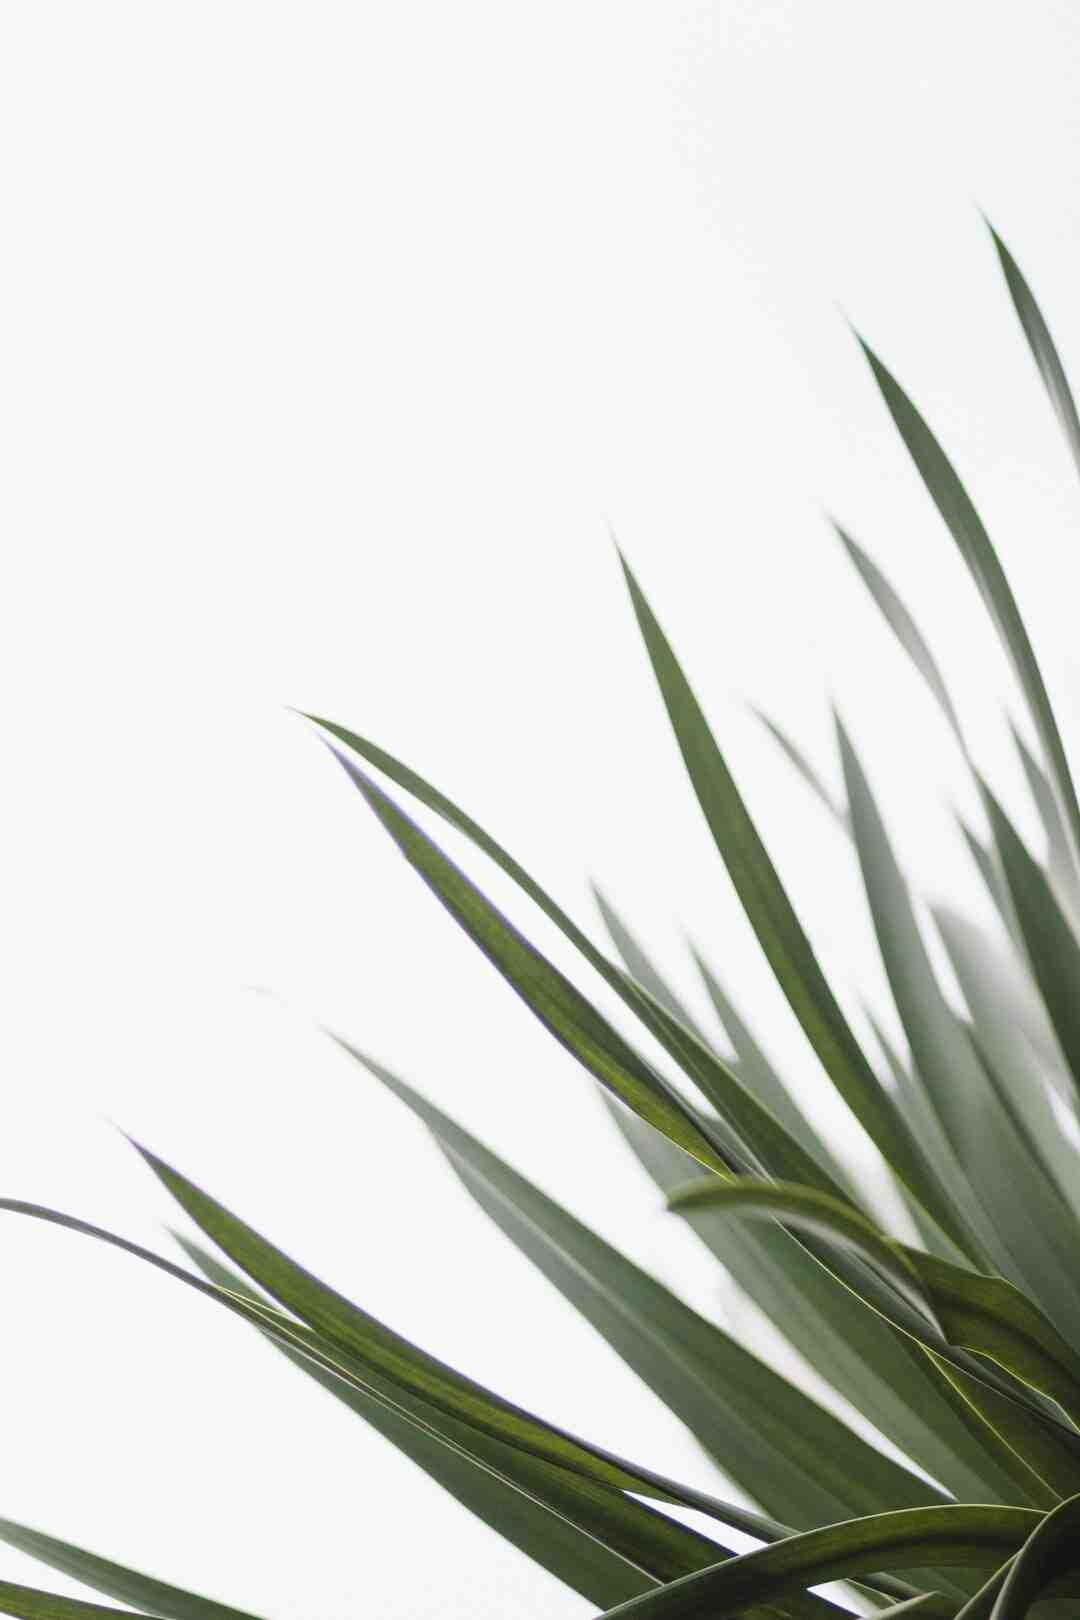 Comment bien rempoter une plante d'intérieur ?